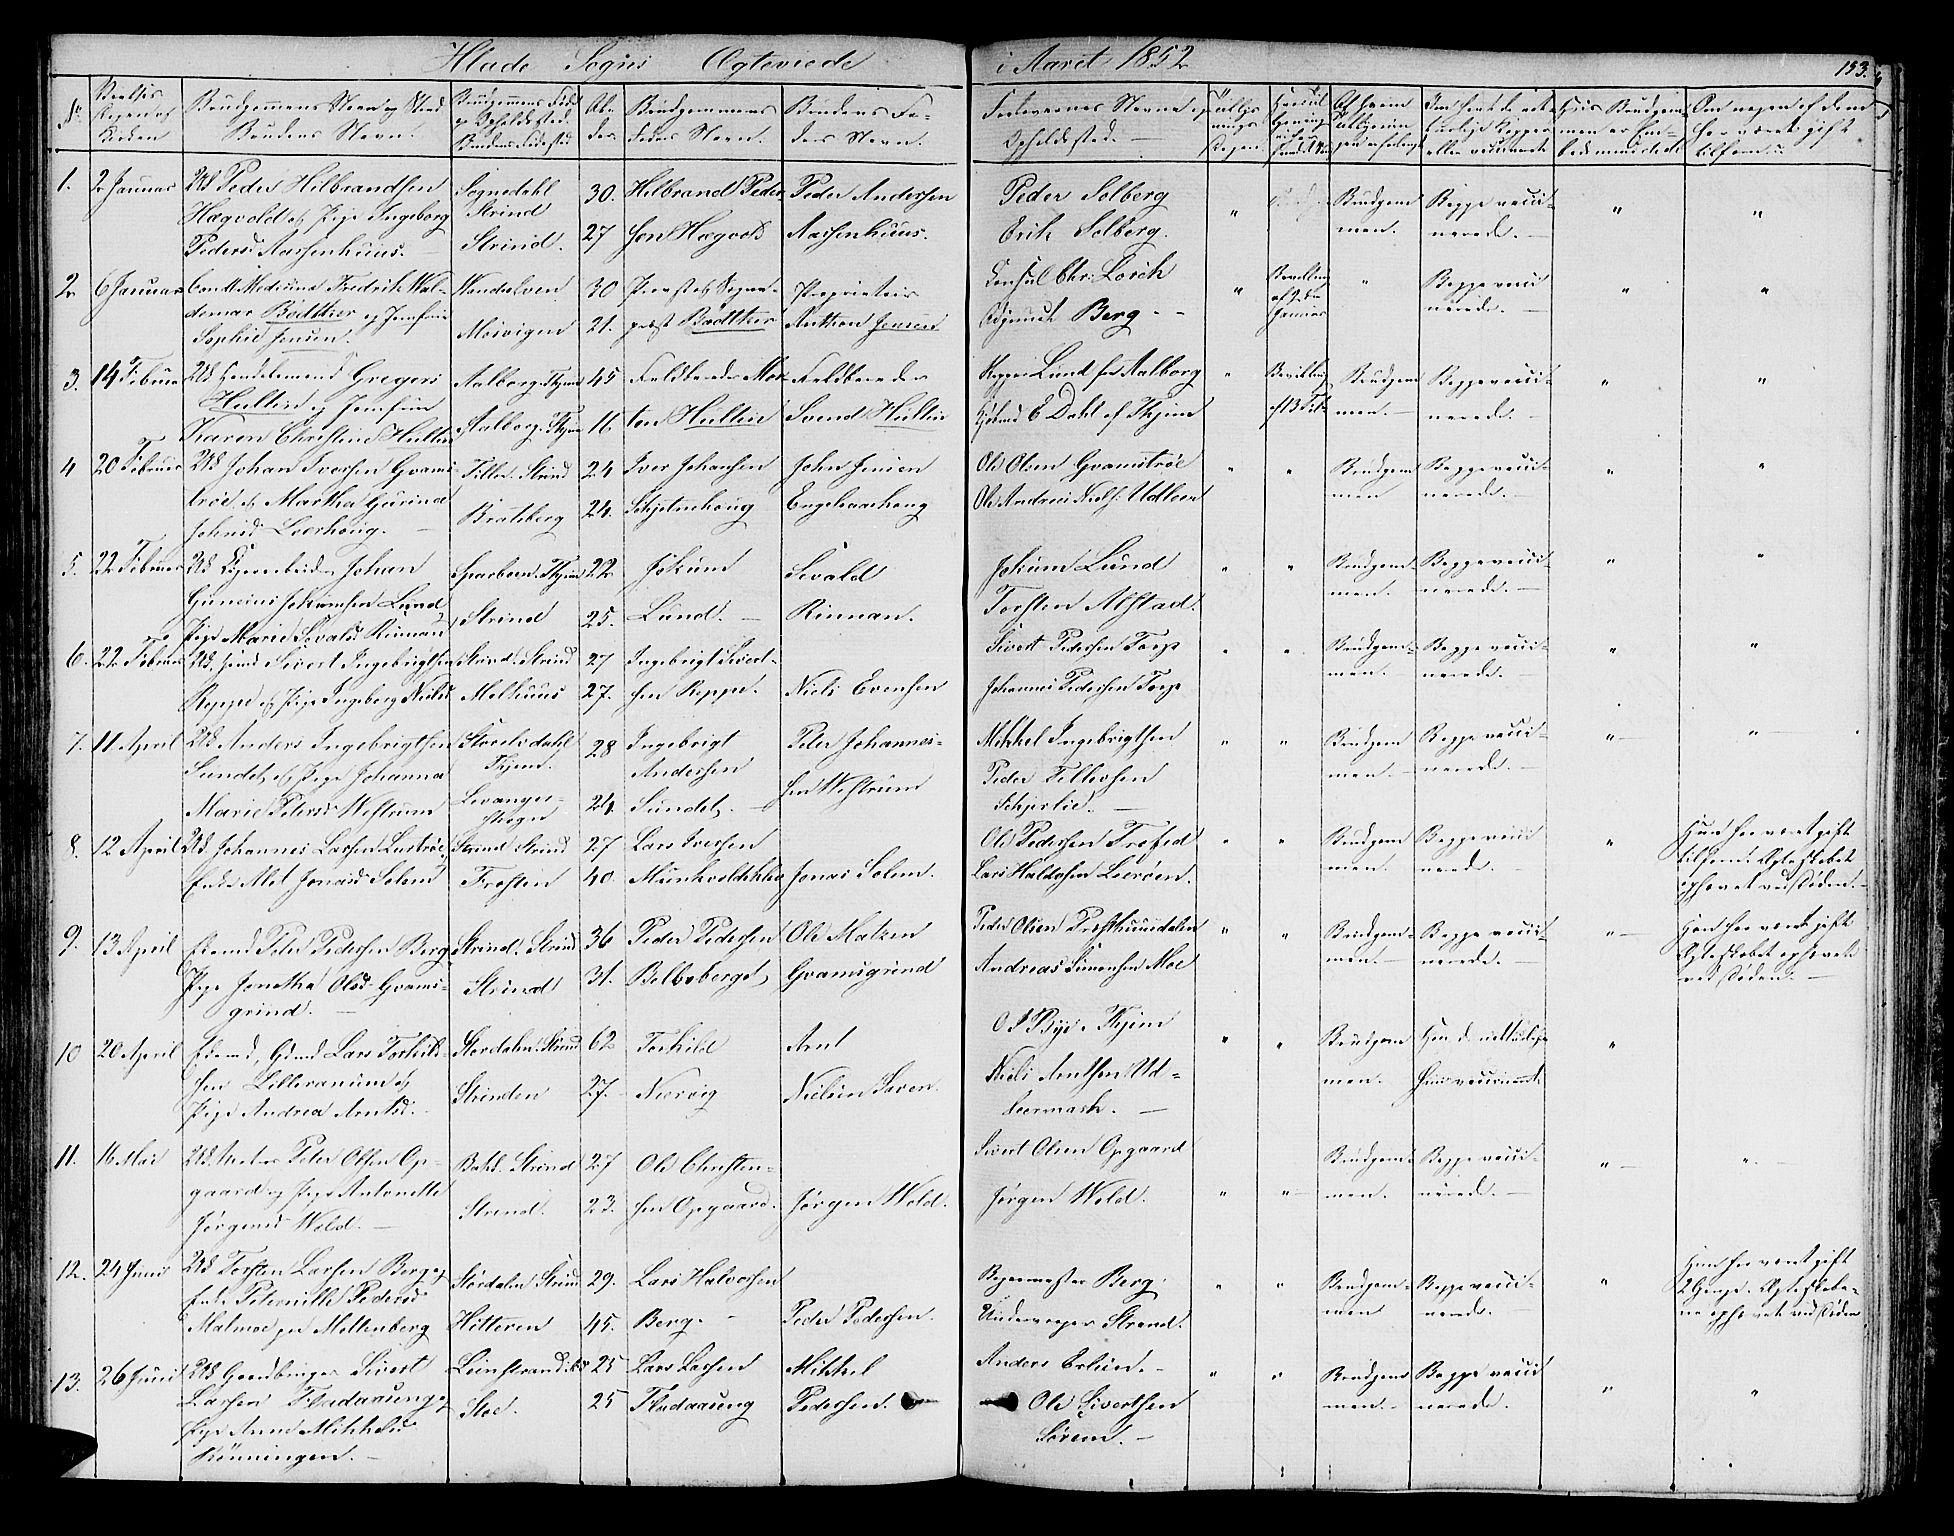 SAT, Ministerialprotokoller, klokkerbøker og fødselsregistre - Sør-Trøndelag, 606/L0310: Klokkerbok nr. 606C06, 1850-1859, s. 153